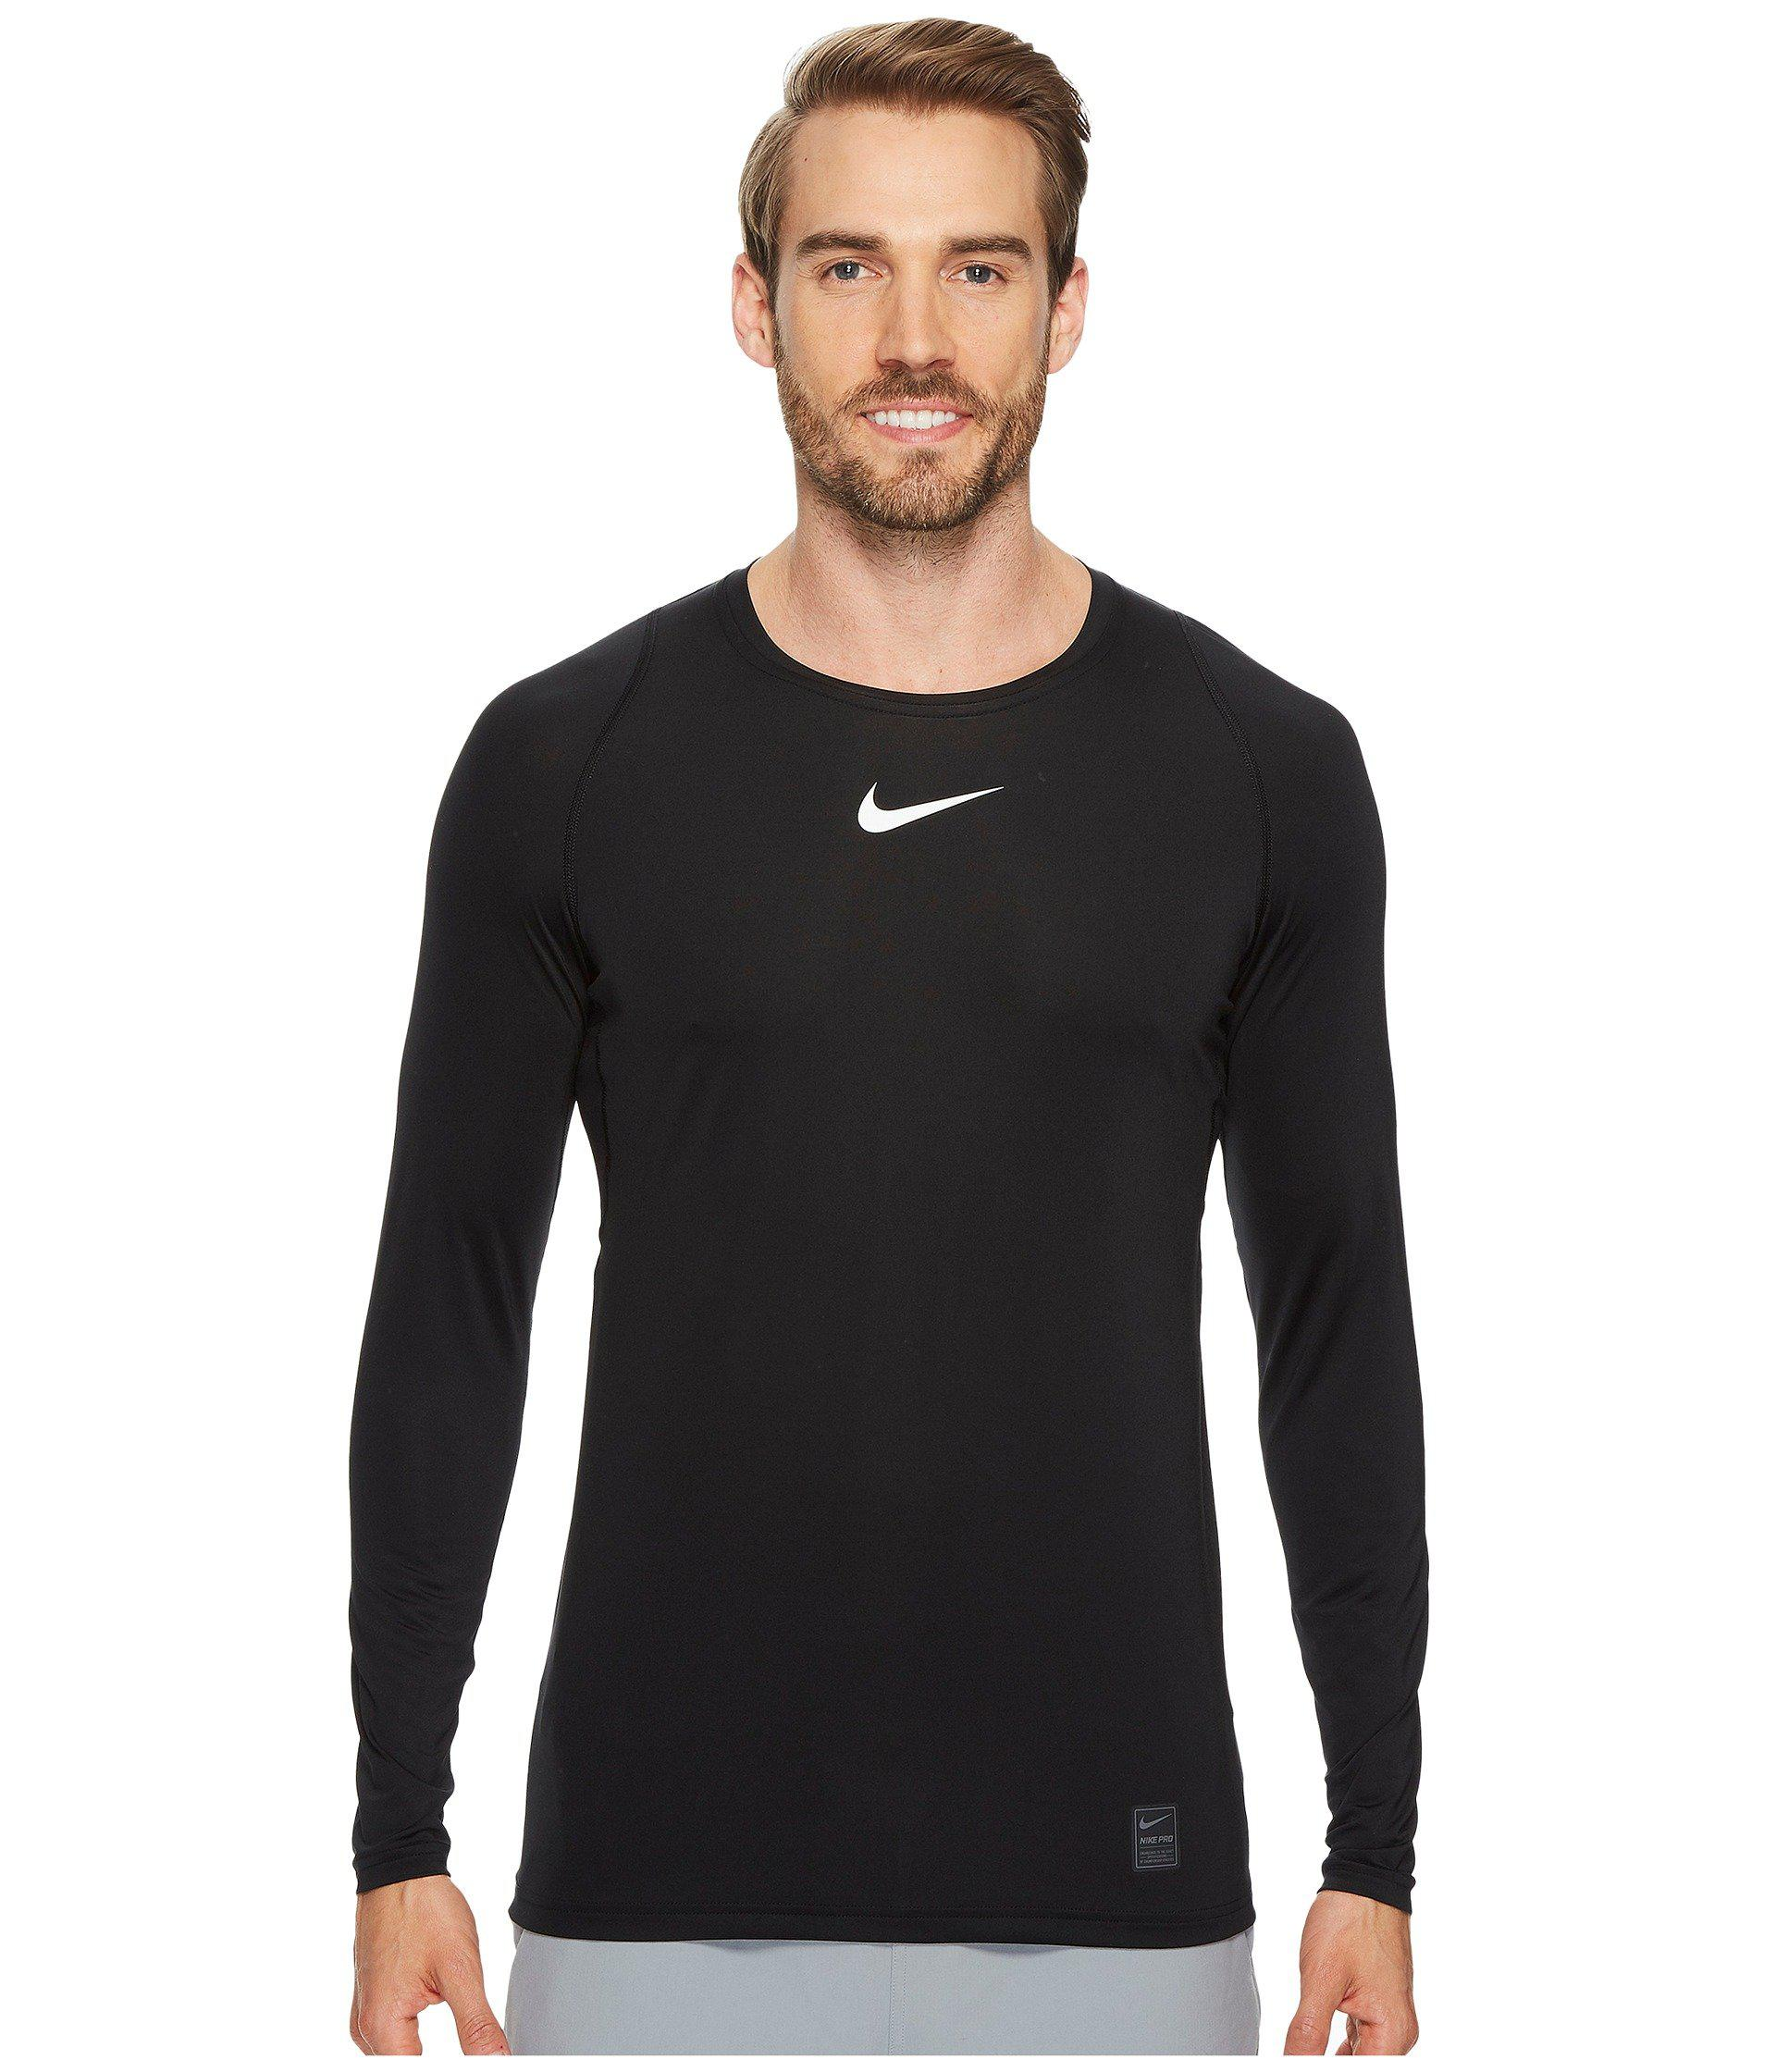 64924da6 Nike. Black Pro Fitted Long Sleeve Training Top (obsidian/white/white) Men's  ...